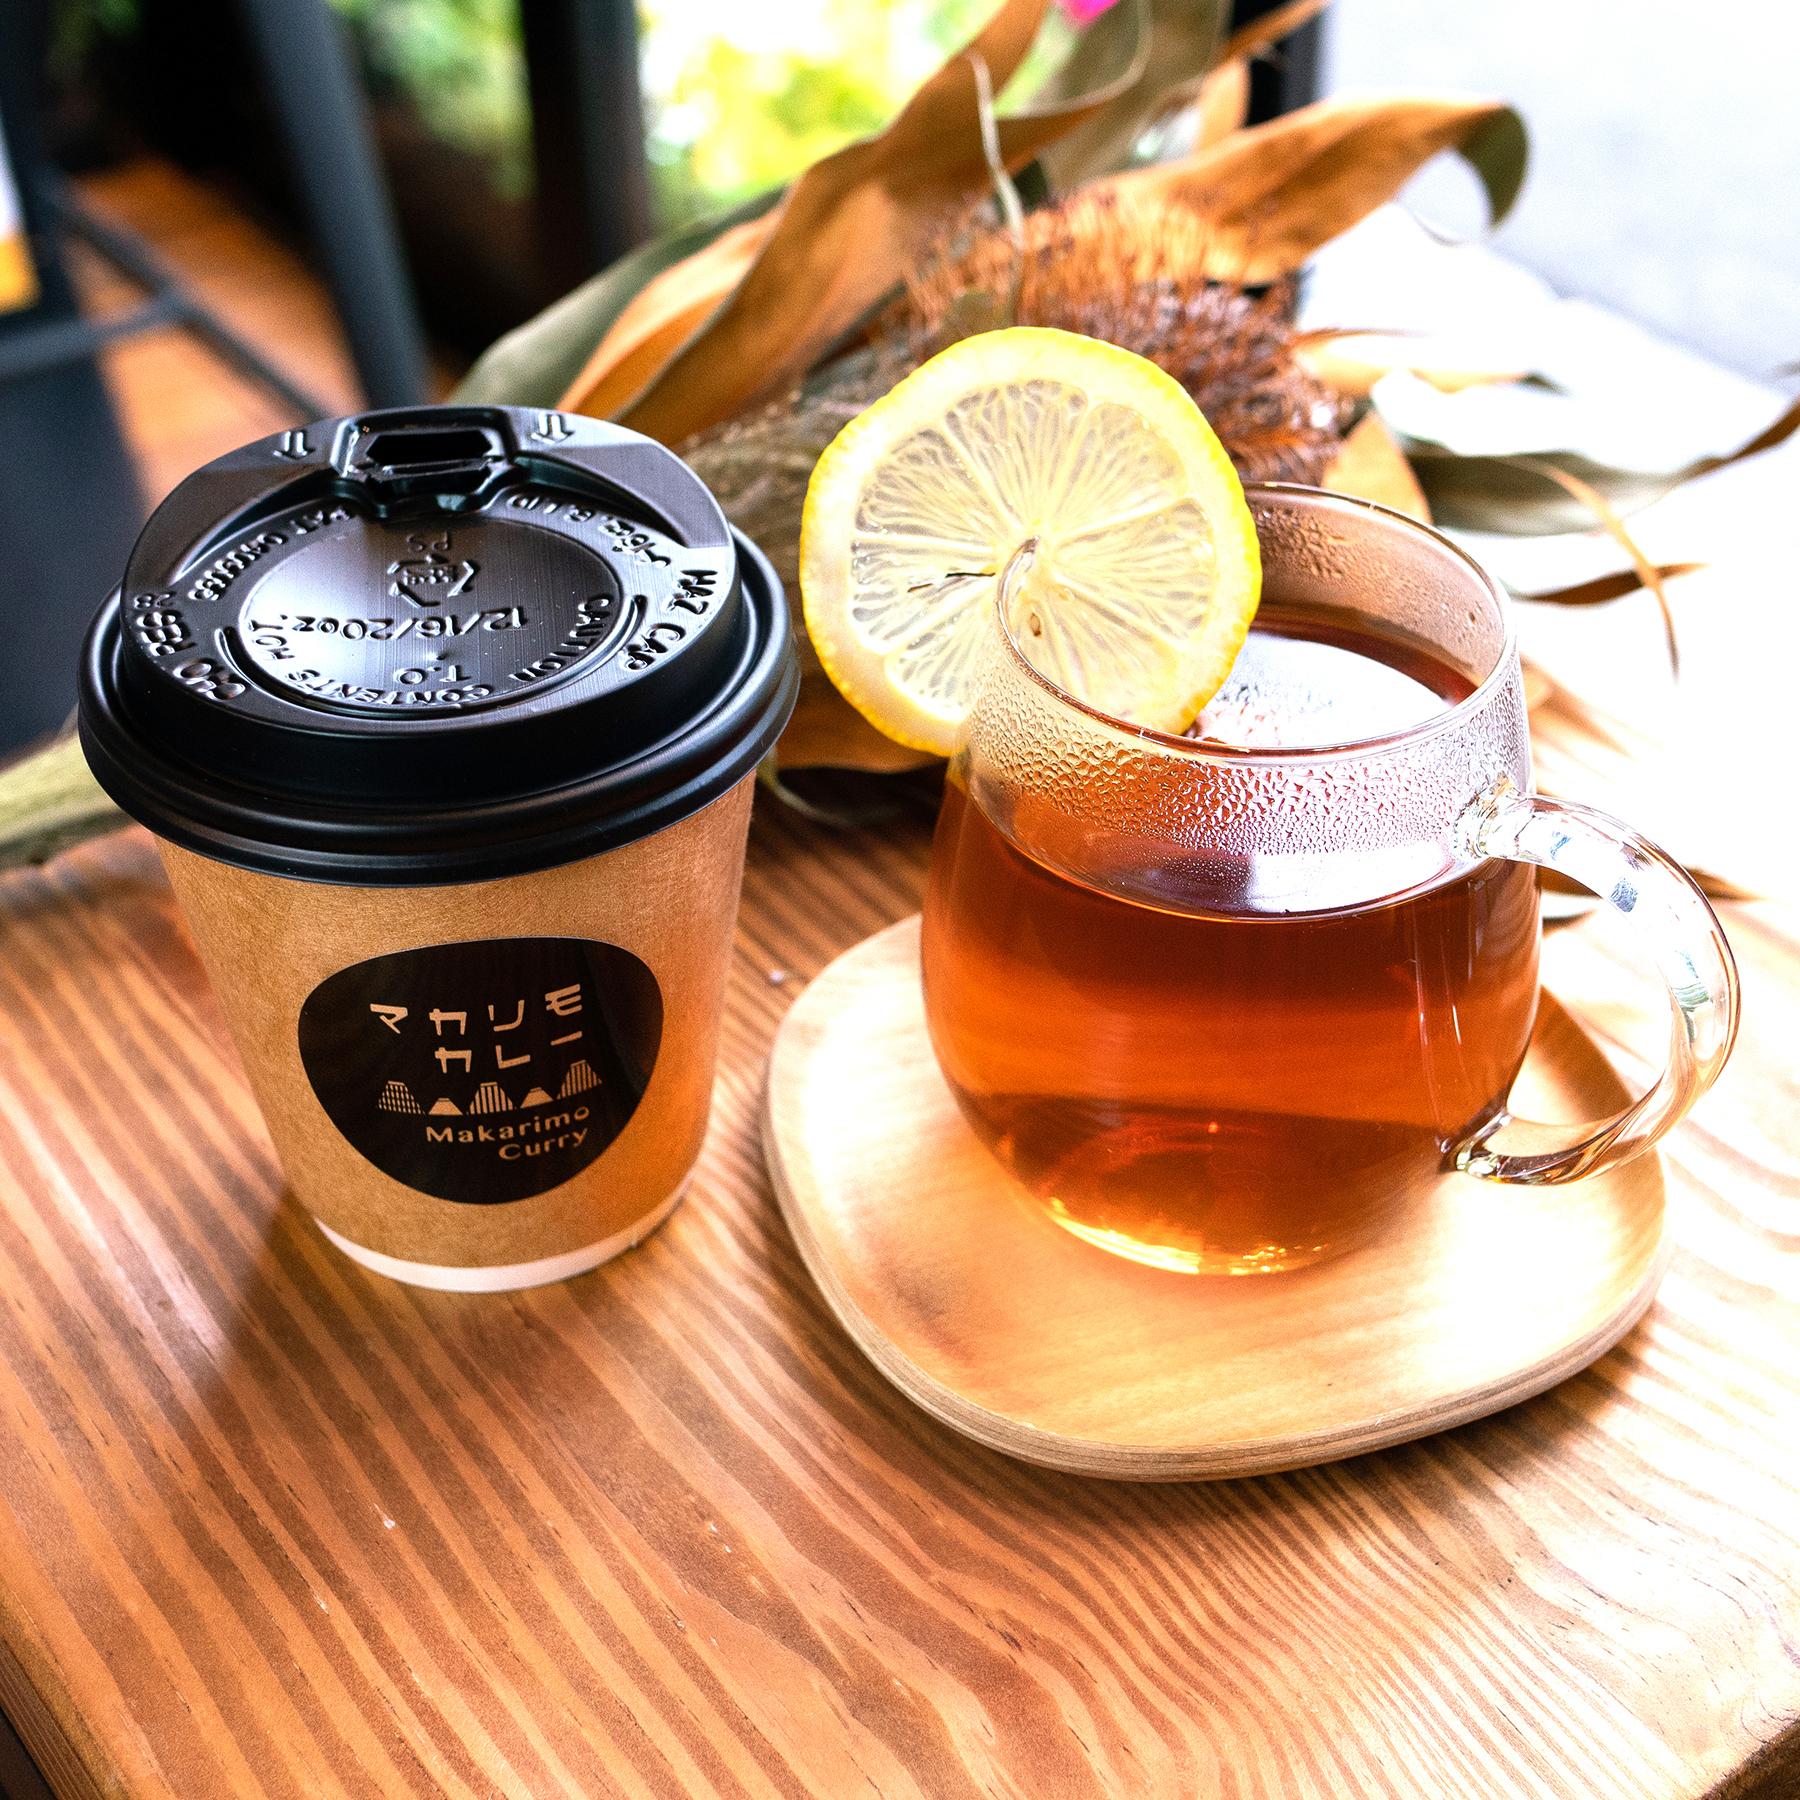 [ サイドメニュー ] レモン冬瓜茶 / Winter melon lemon tea / 檸檬冬瓜茶